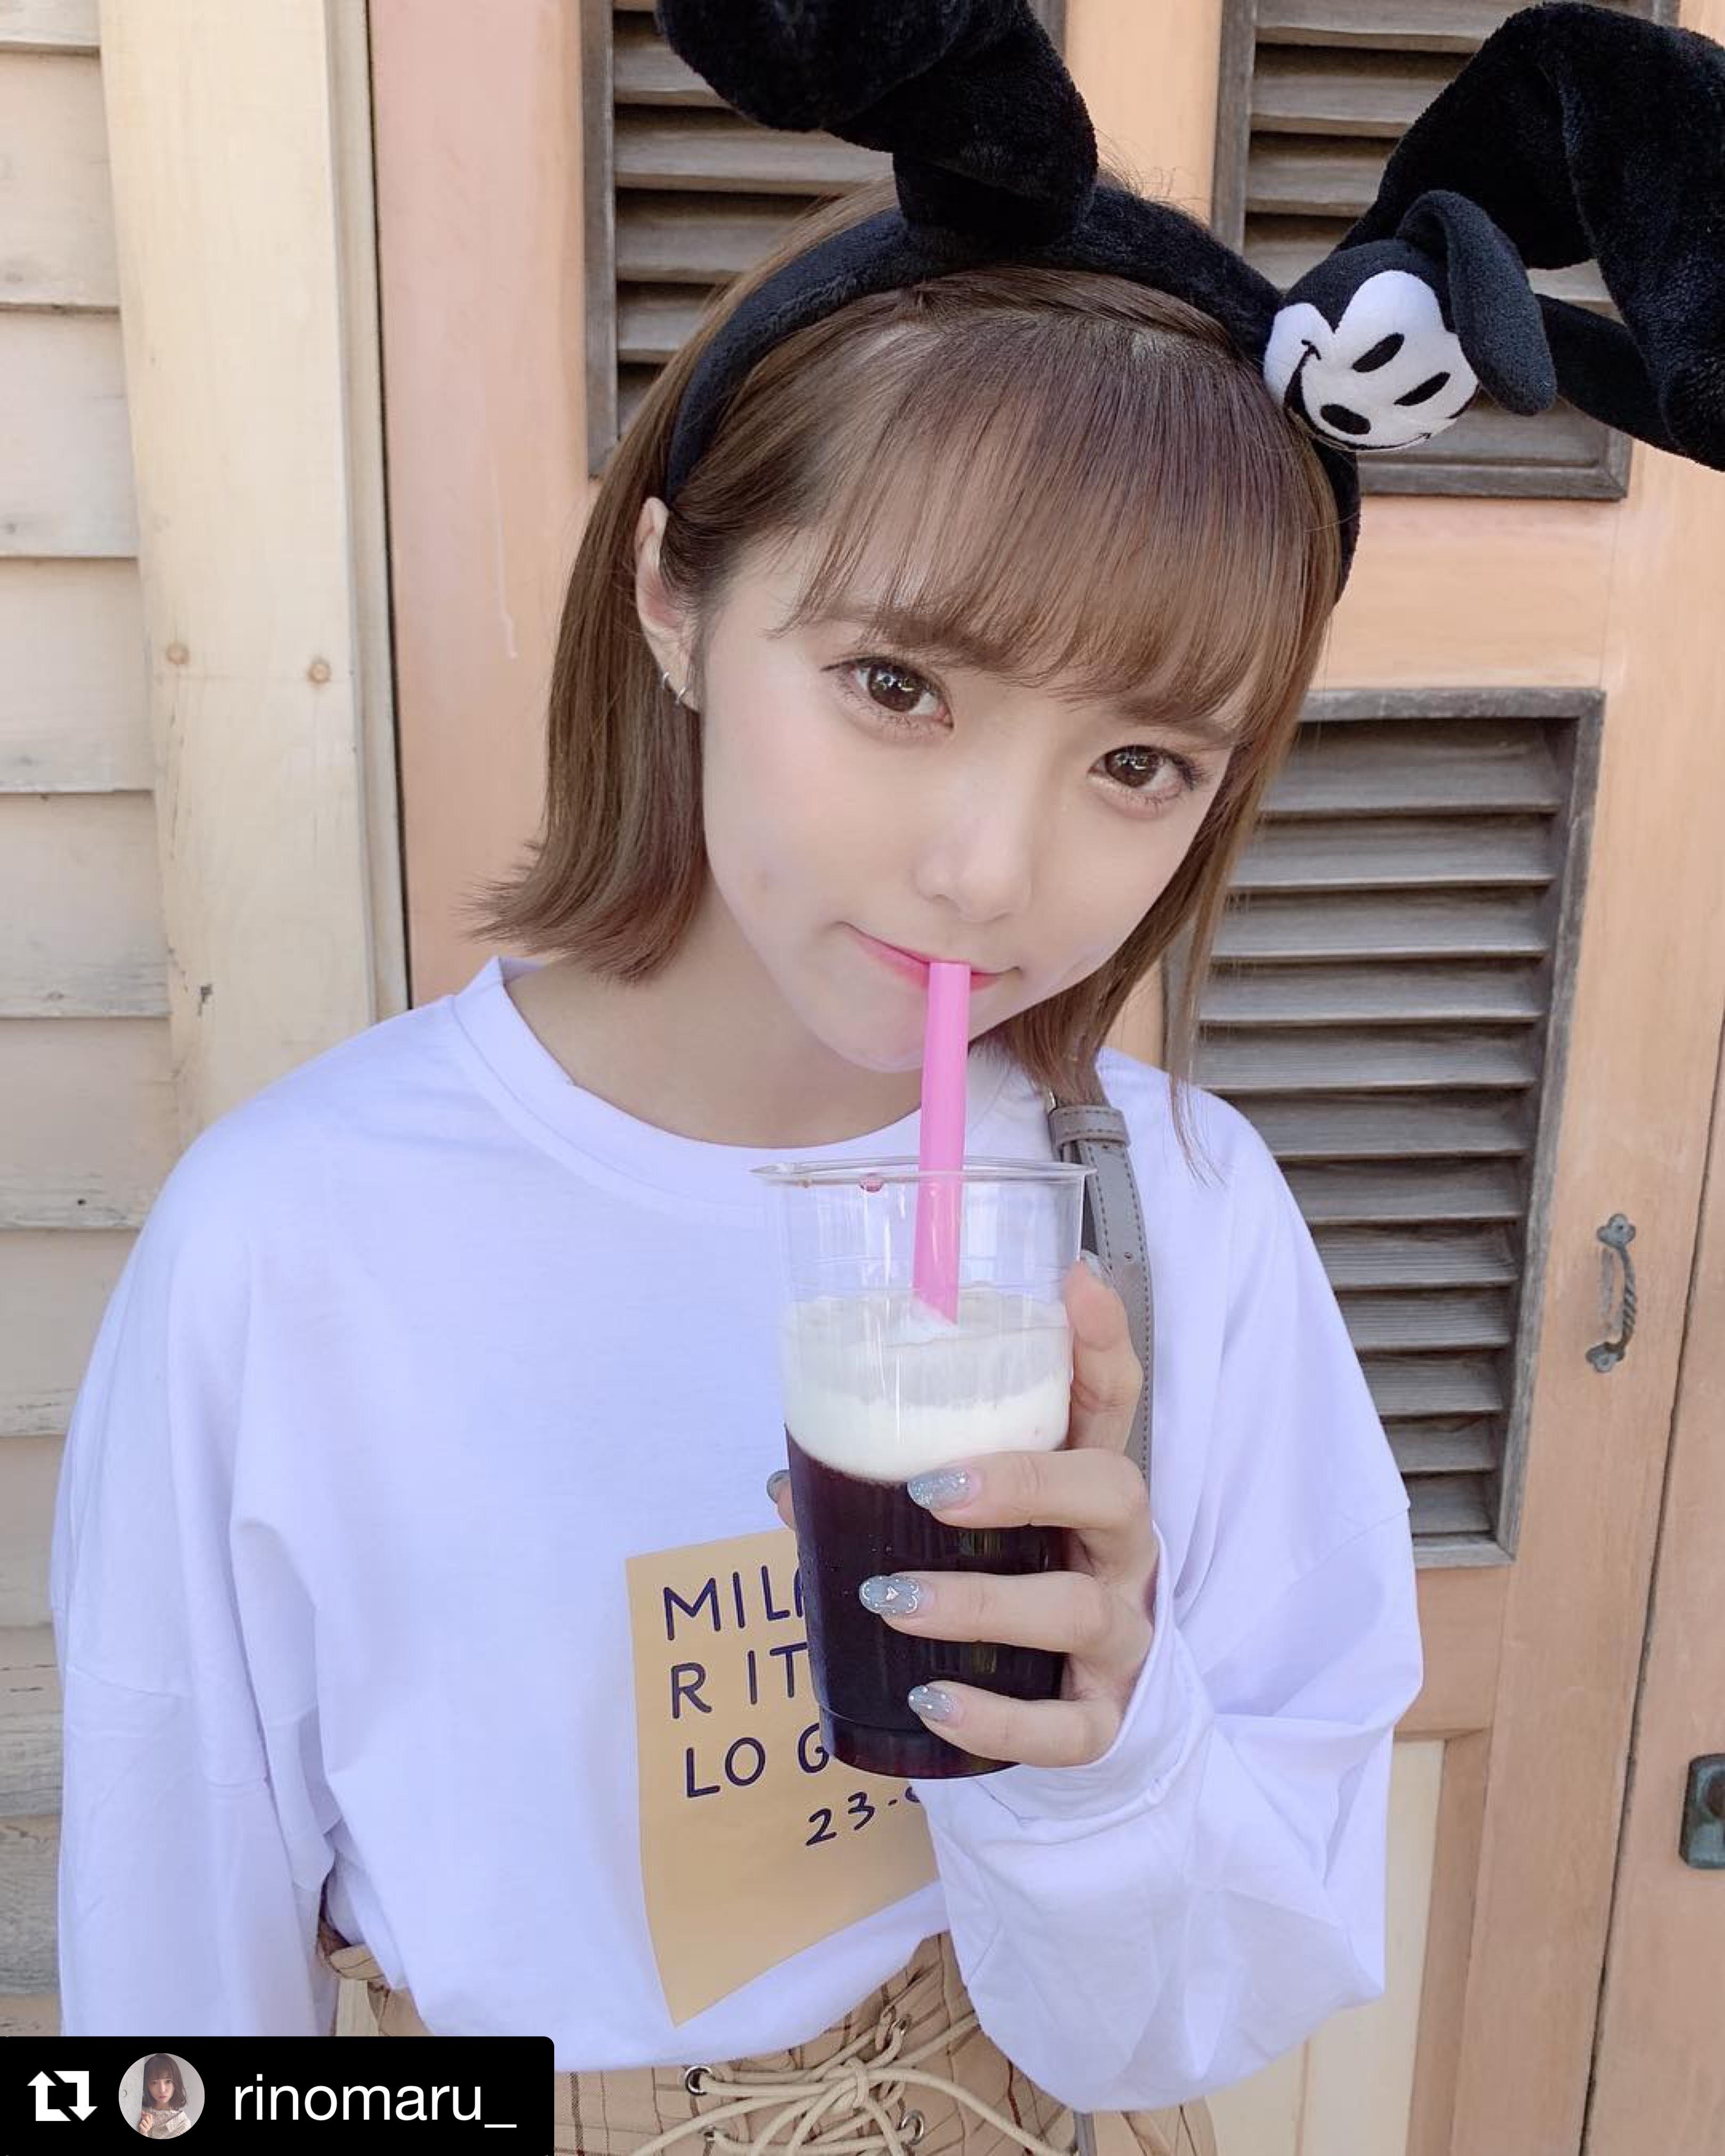 【送料無料】 シンプルカジュアル♡ ロゴ ロンT プルオーバー オーバーサイズ Tシャツ